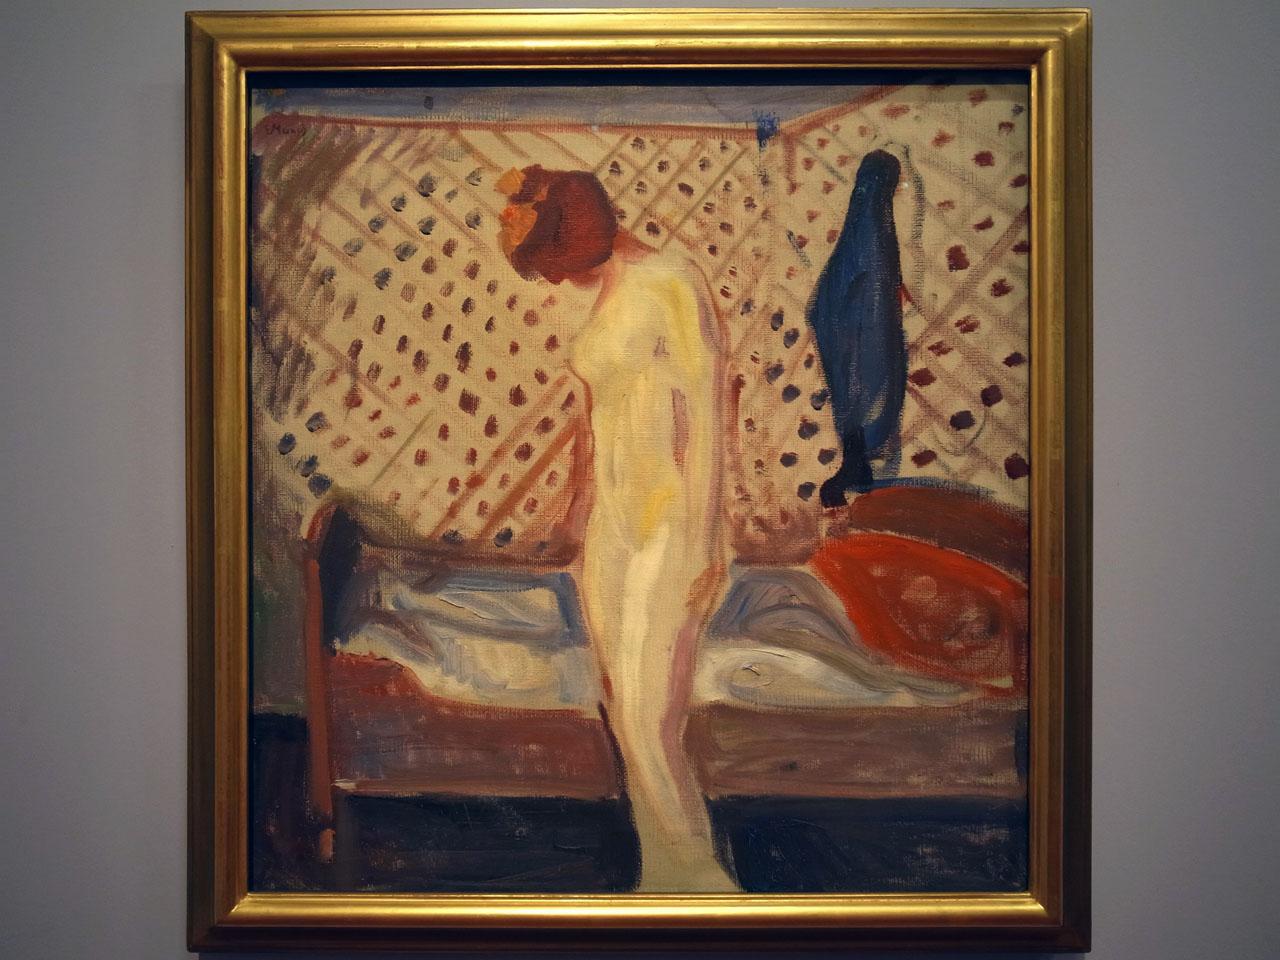 ce que voit le peintre et ce qu'il nous envoie Munch-nu-peinture-1